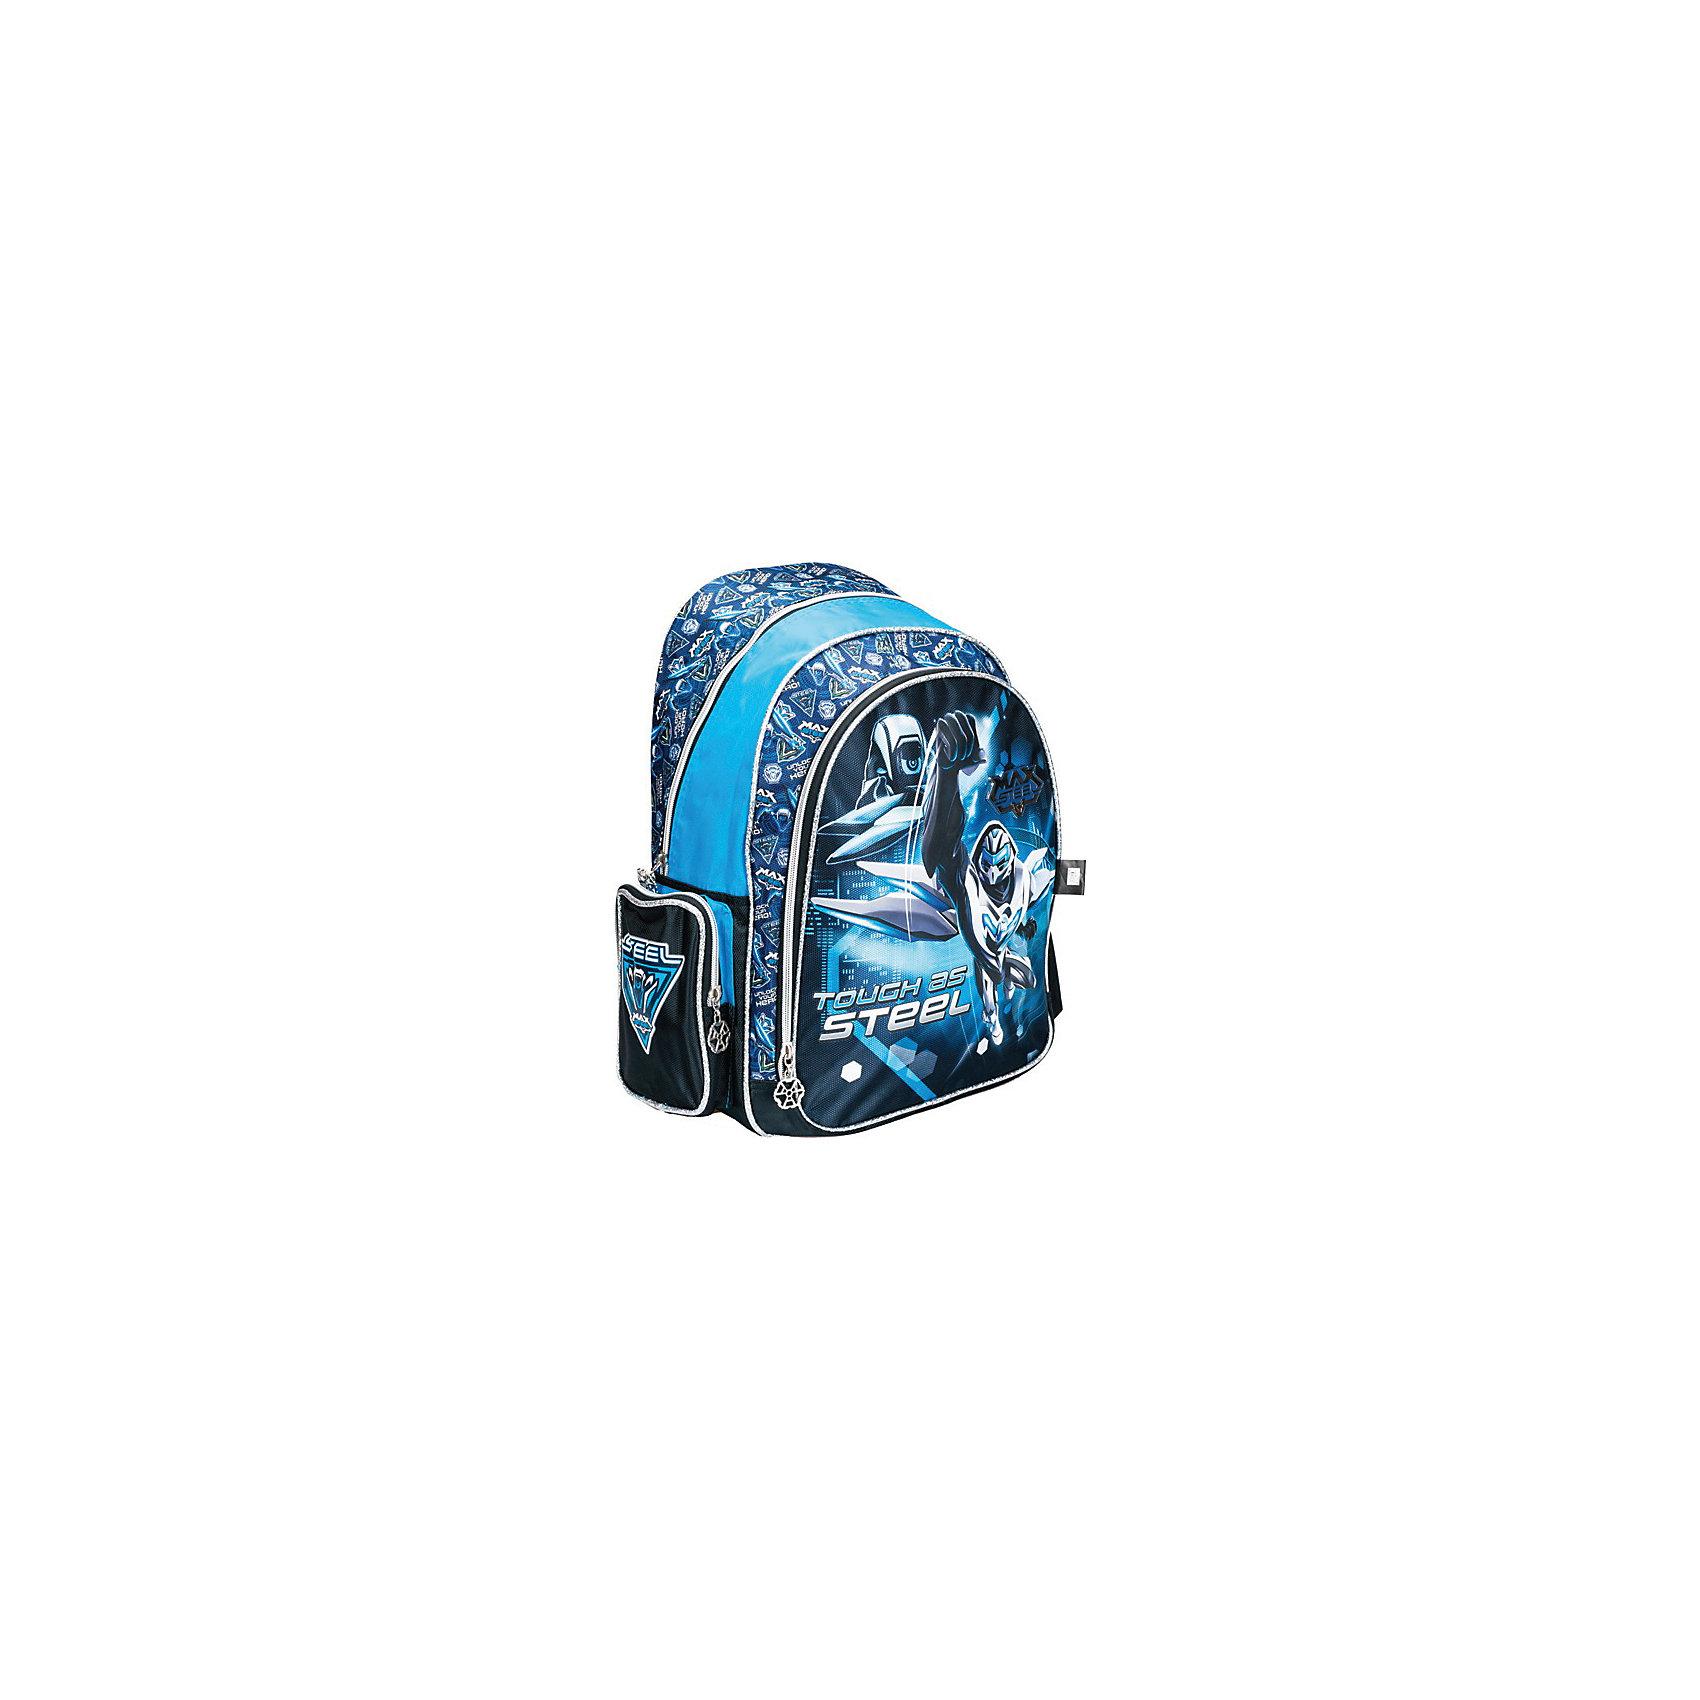 Школьный рюкзак Max SteelЯркий и модный рюкзак Max Steel  - отличный выбор для Вашего школьника. Изделие выполнено из плотного износостойкого материала и обладает следующими особенностями:<br>- уплотненная спинка сохранит здоровье позвоночника;<br>- 1 вместительное отделение;<br>- 1 большой внешний карман;<br>- 2 боковых кармана;<br>- удобные застежки-молнии;<br>- широкие мягкие лямки, регулируемые по длине;<br>- удобная ручка для переноса рюкзака;<br>- светоотражающие элементы для безопасности ребенка в темное время суток;<br>- прочное днище;<br>- привлекательный дизайн<br><br>Дополнительная информация:<br>- размеры: 43х31х16 см<br>- вес: 620 гр.<br><br>Рюкзак Max Steel  можно купить в нашем интернет-магазине<br><br>Ширина мм: 160<br>Глубина мм: 310<br>Высота мм: 430<br>Вес г: 620<br>Возраст от месяцев: 72<br>Возраст до месяцев: 144<br>Пол: Мужской<br>Возраст: Детский<br>SKU: 4616083